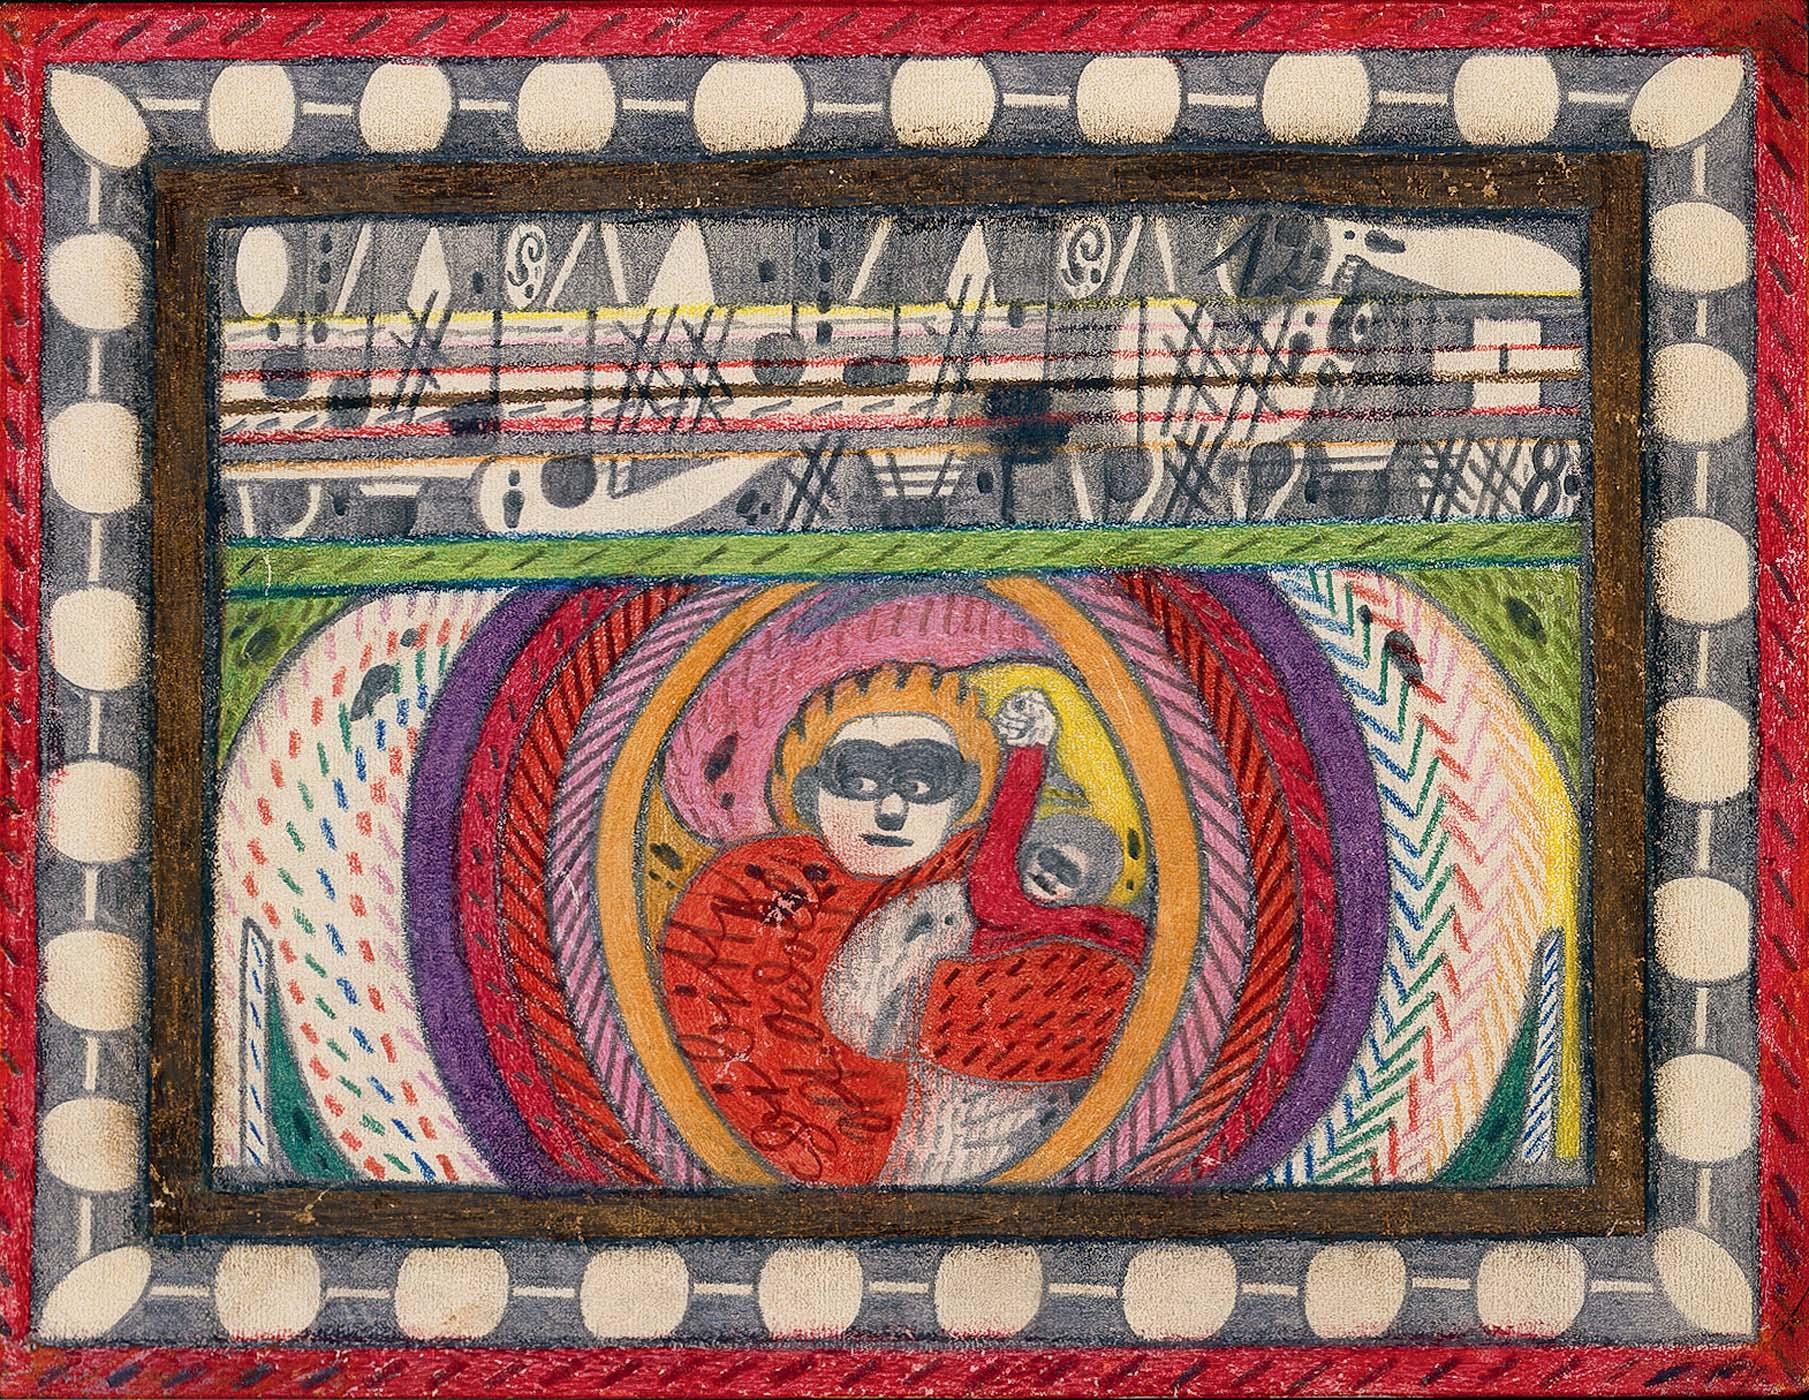 Adolf illustration ou peinture un être entourré dhalos lumineux Part.1-Atlaneastro